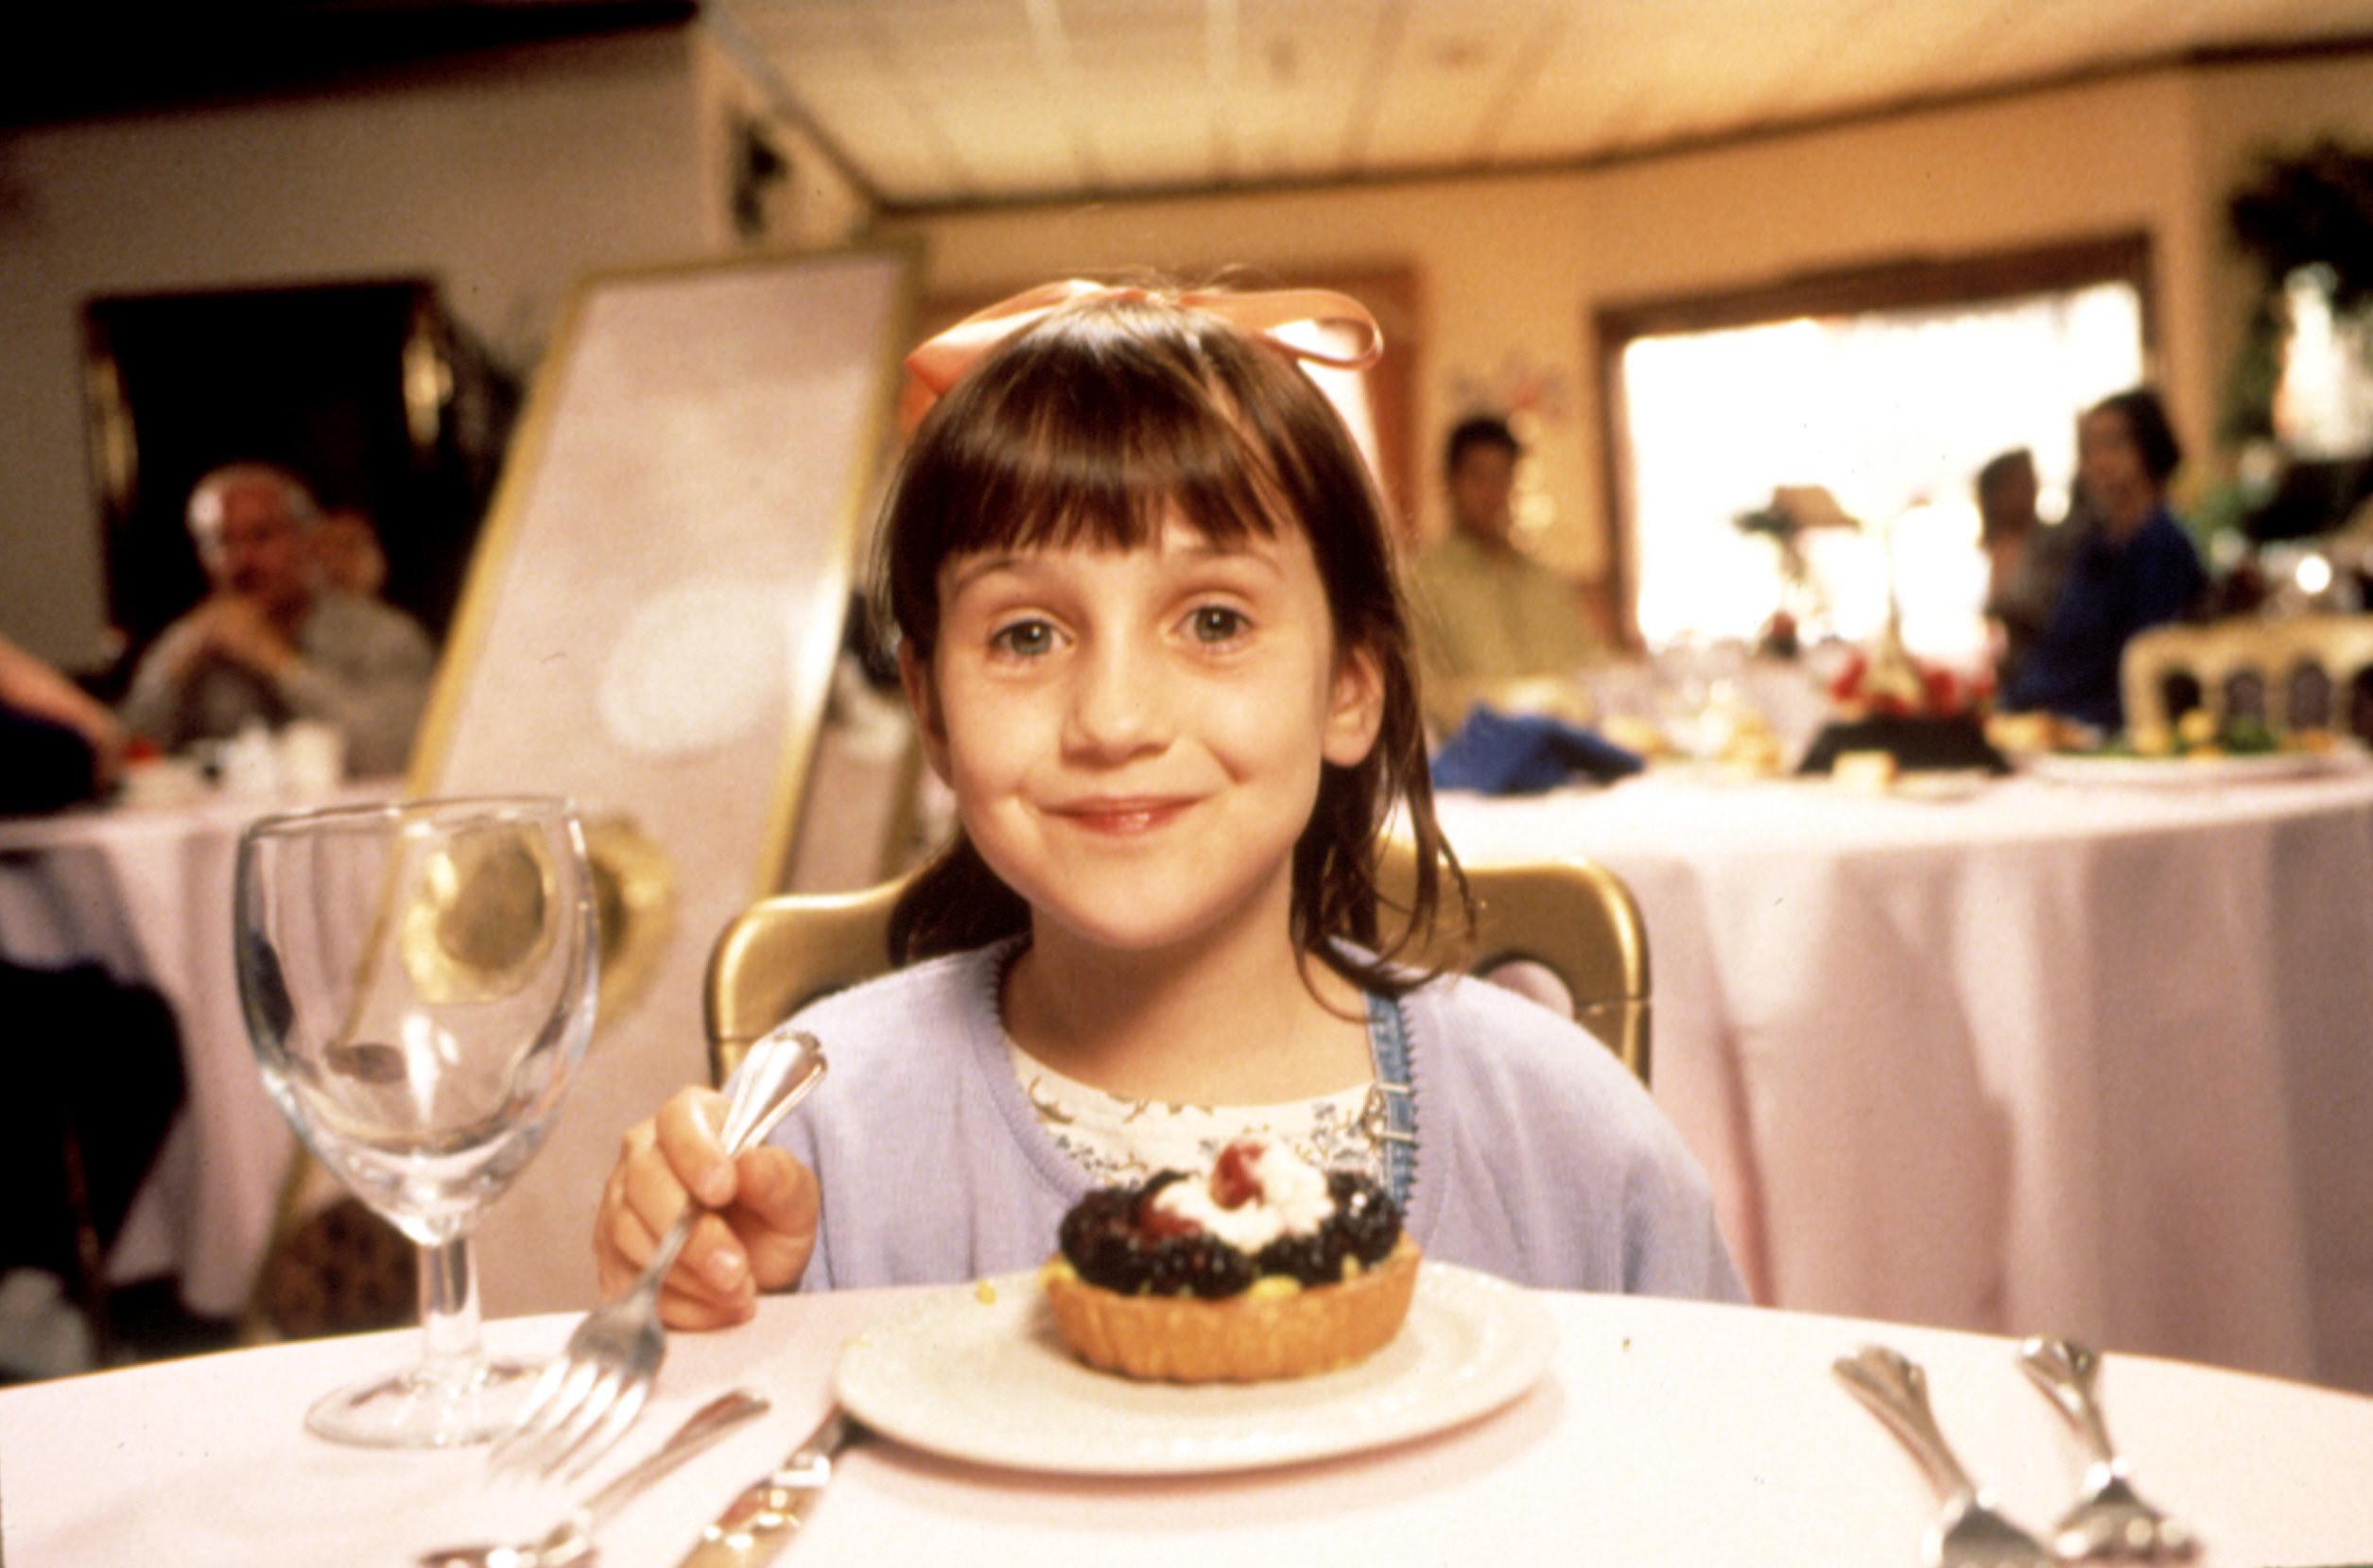 Mara Wilson as Matilda, eating a fruit tart at a restaurant